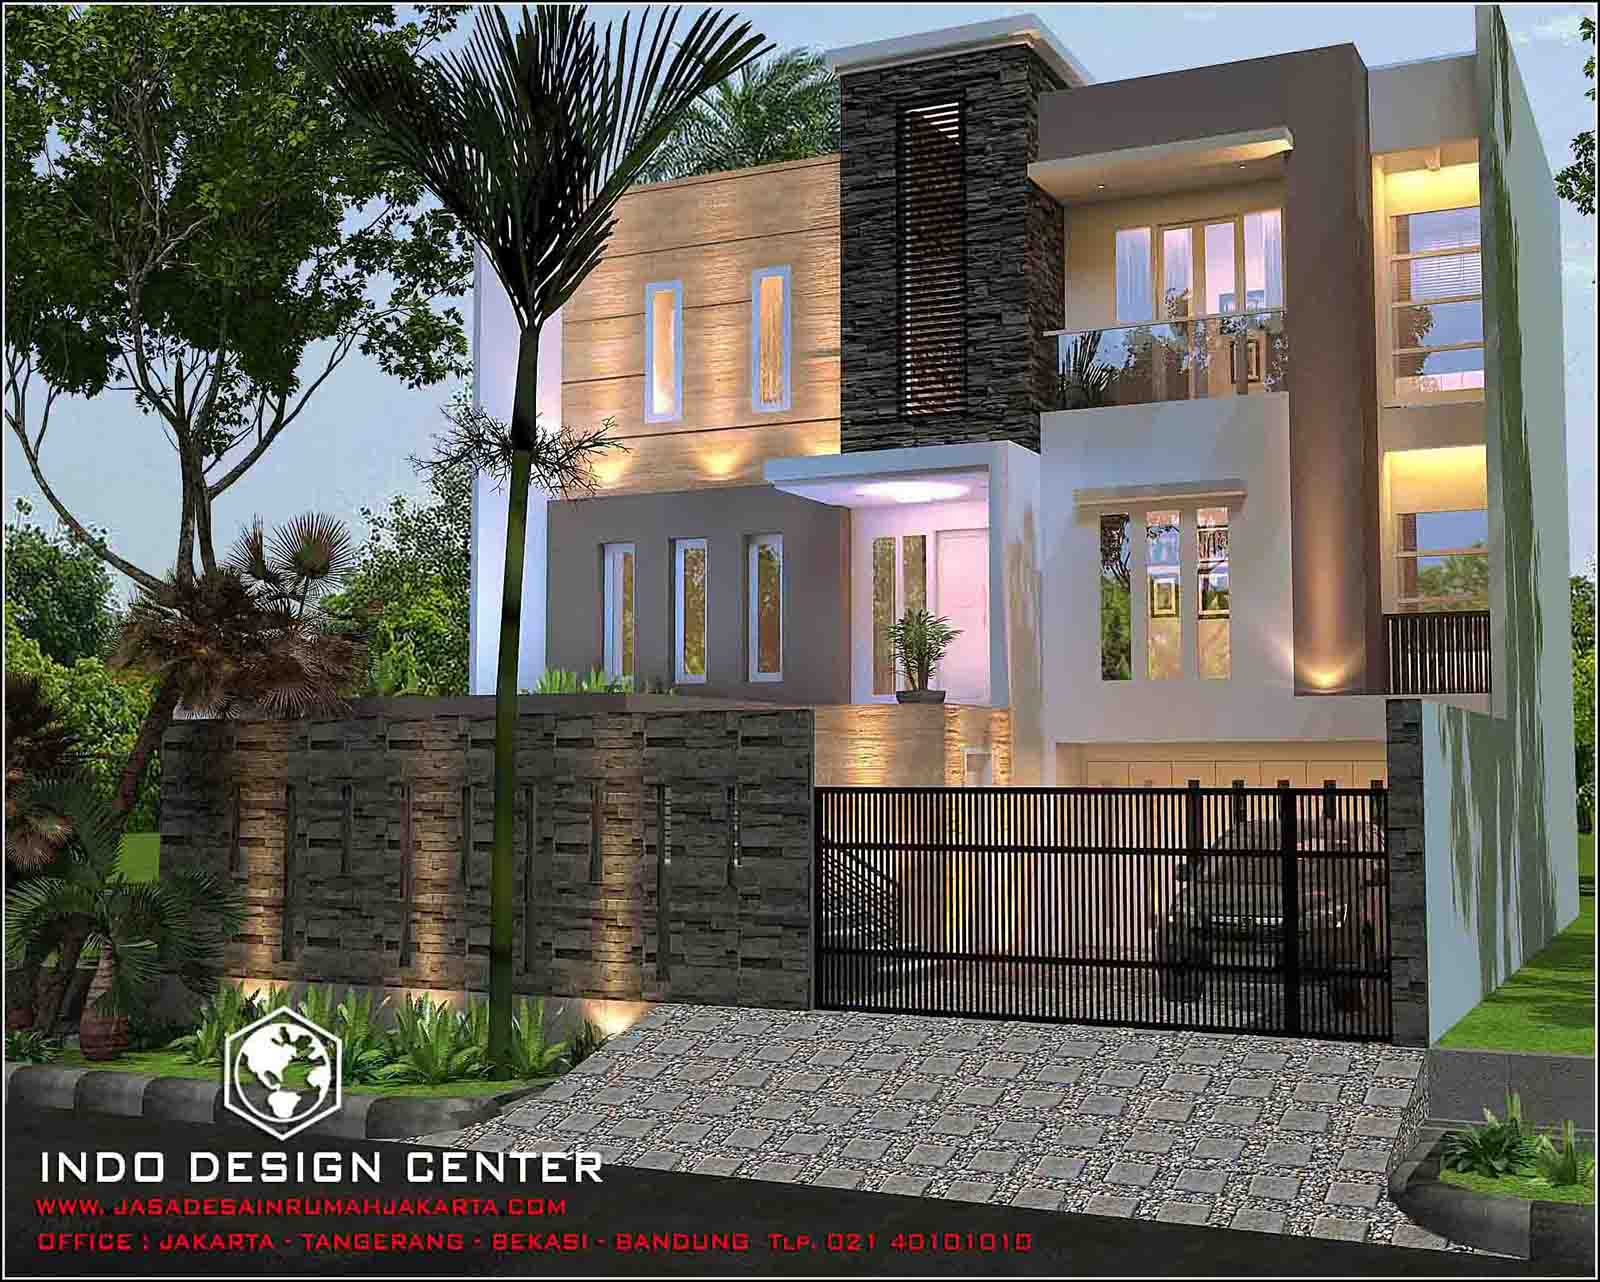 Harga Jasa Desain Arsitek Gambar Rumah Dan Interior Di Jakarta